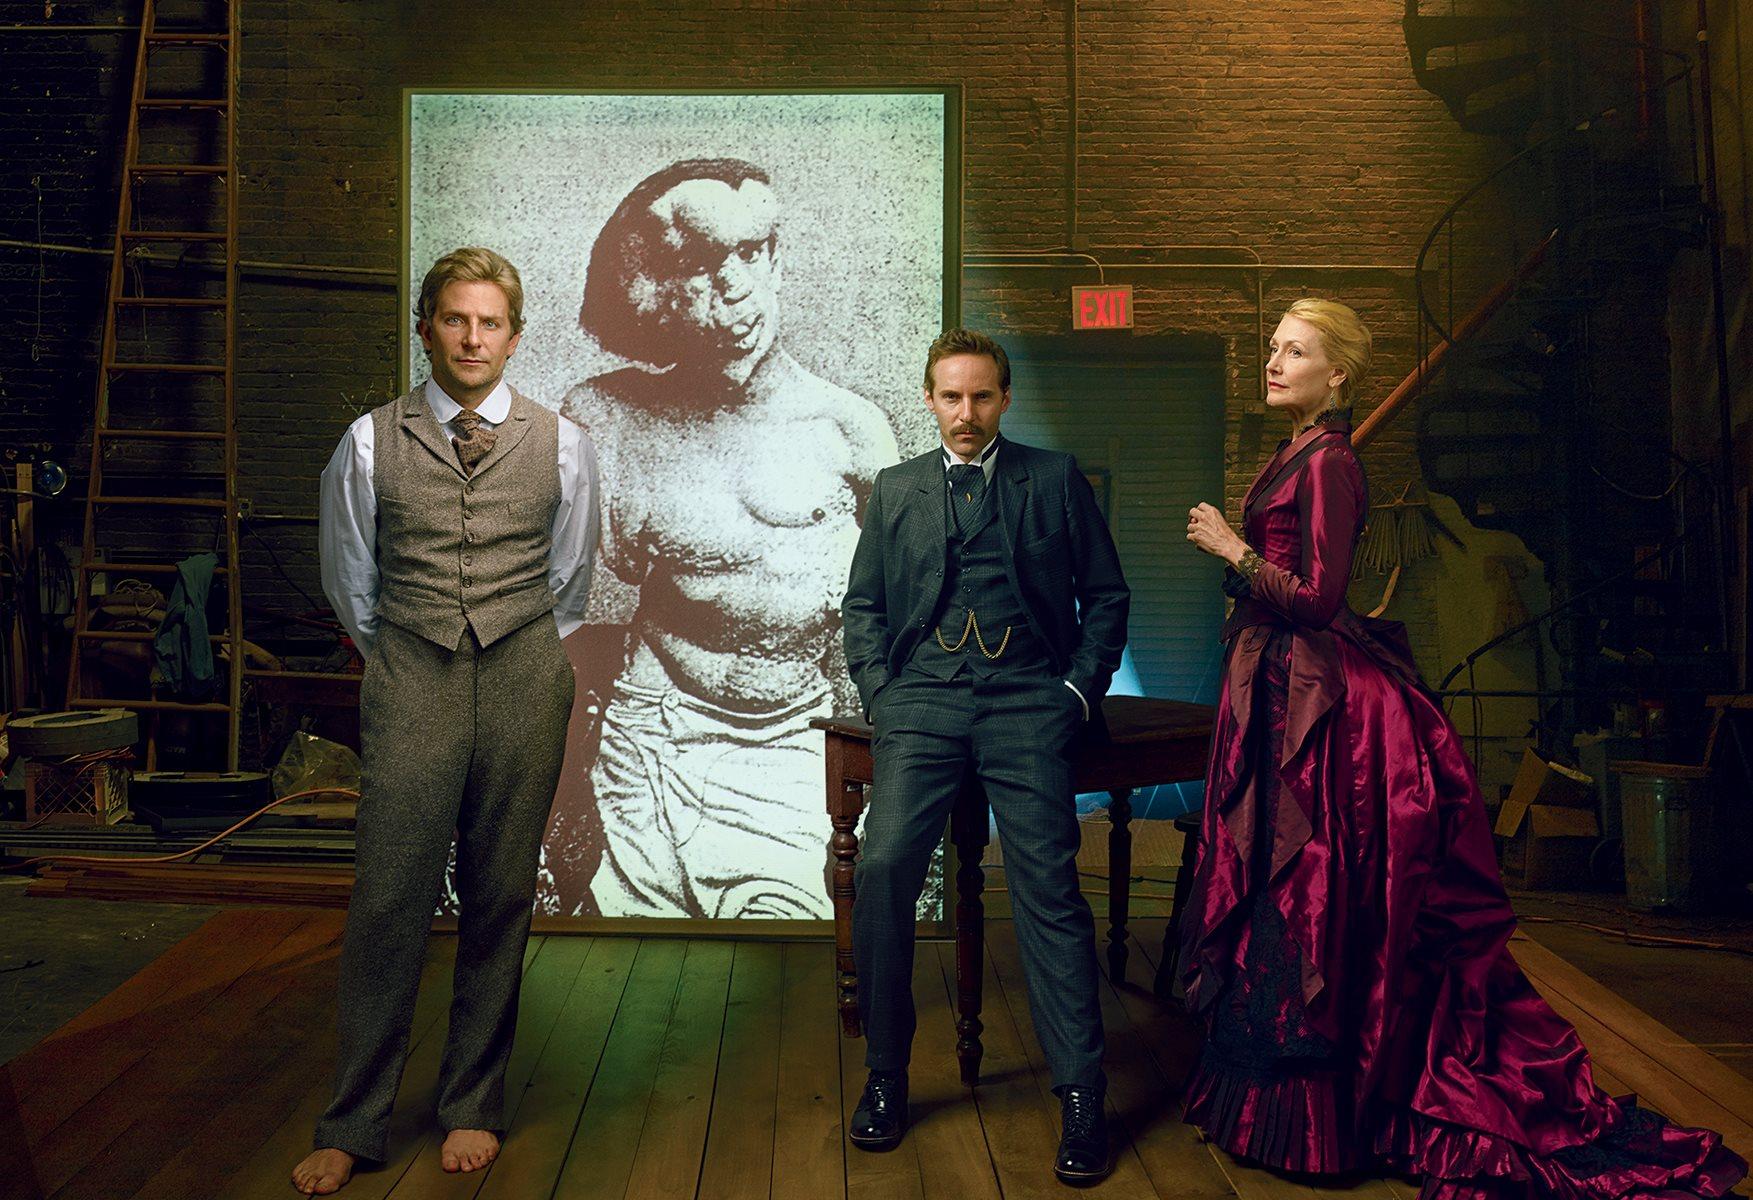 Bradley, Alessandro & Patricia for Vanity Fair. Photo by Annie Leibovitz